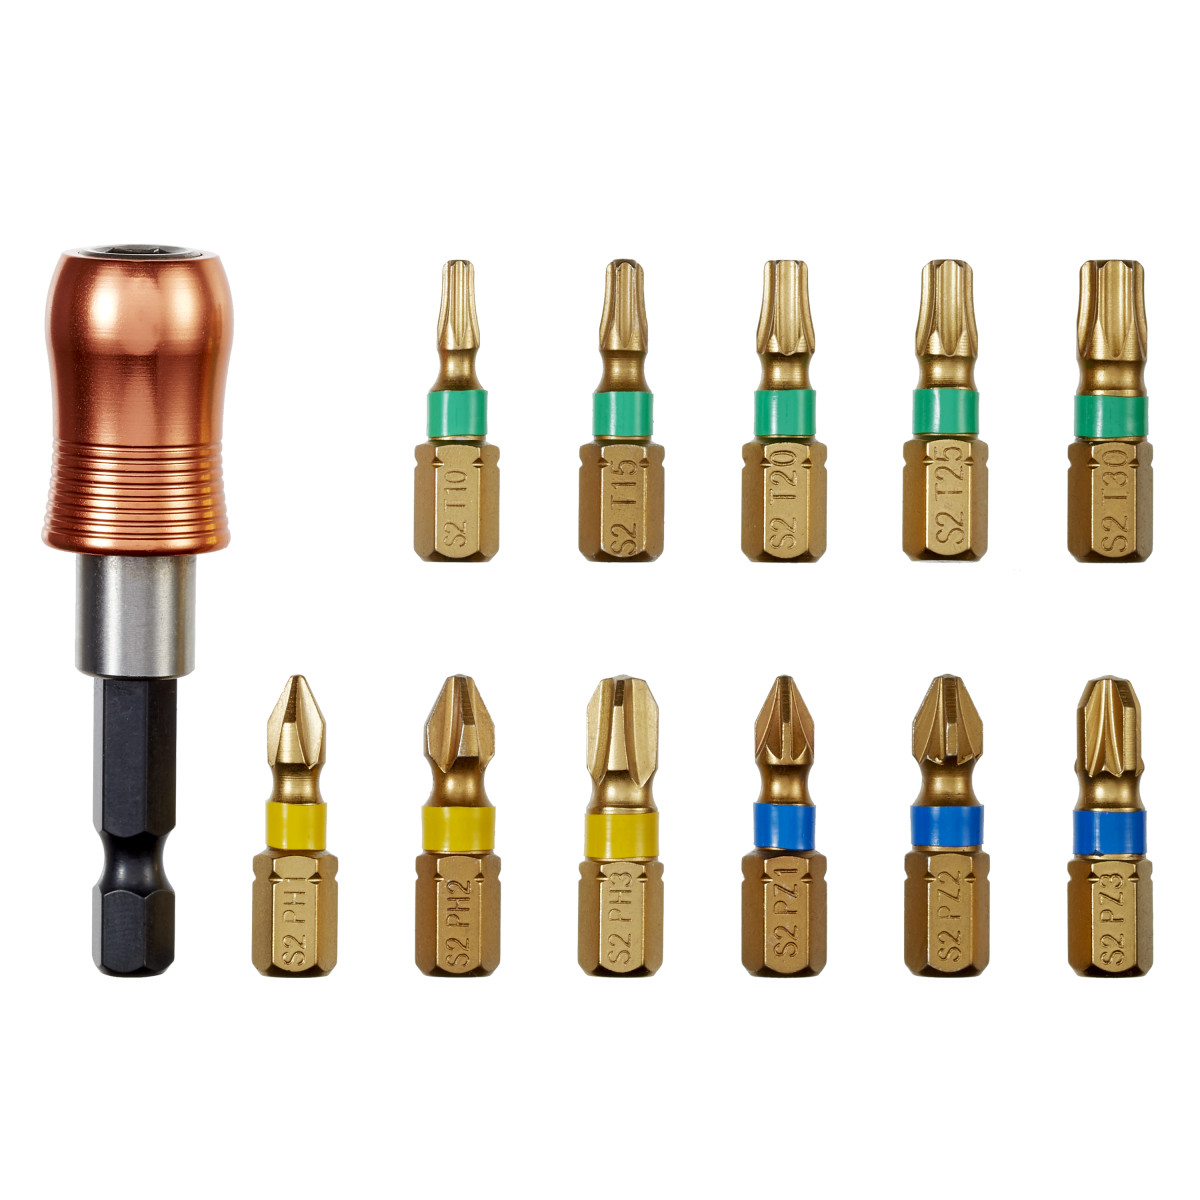 Набор бит с держателем Dexter Pro 25 мм 11 шт.